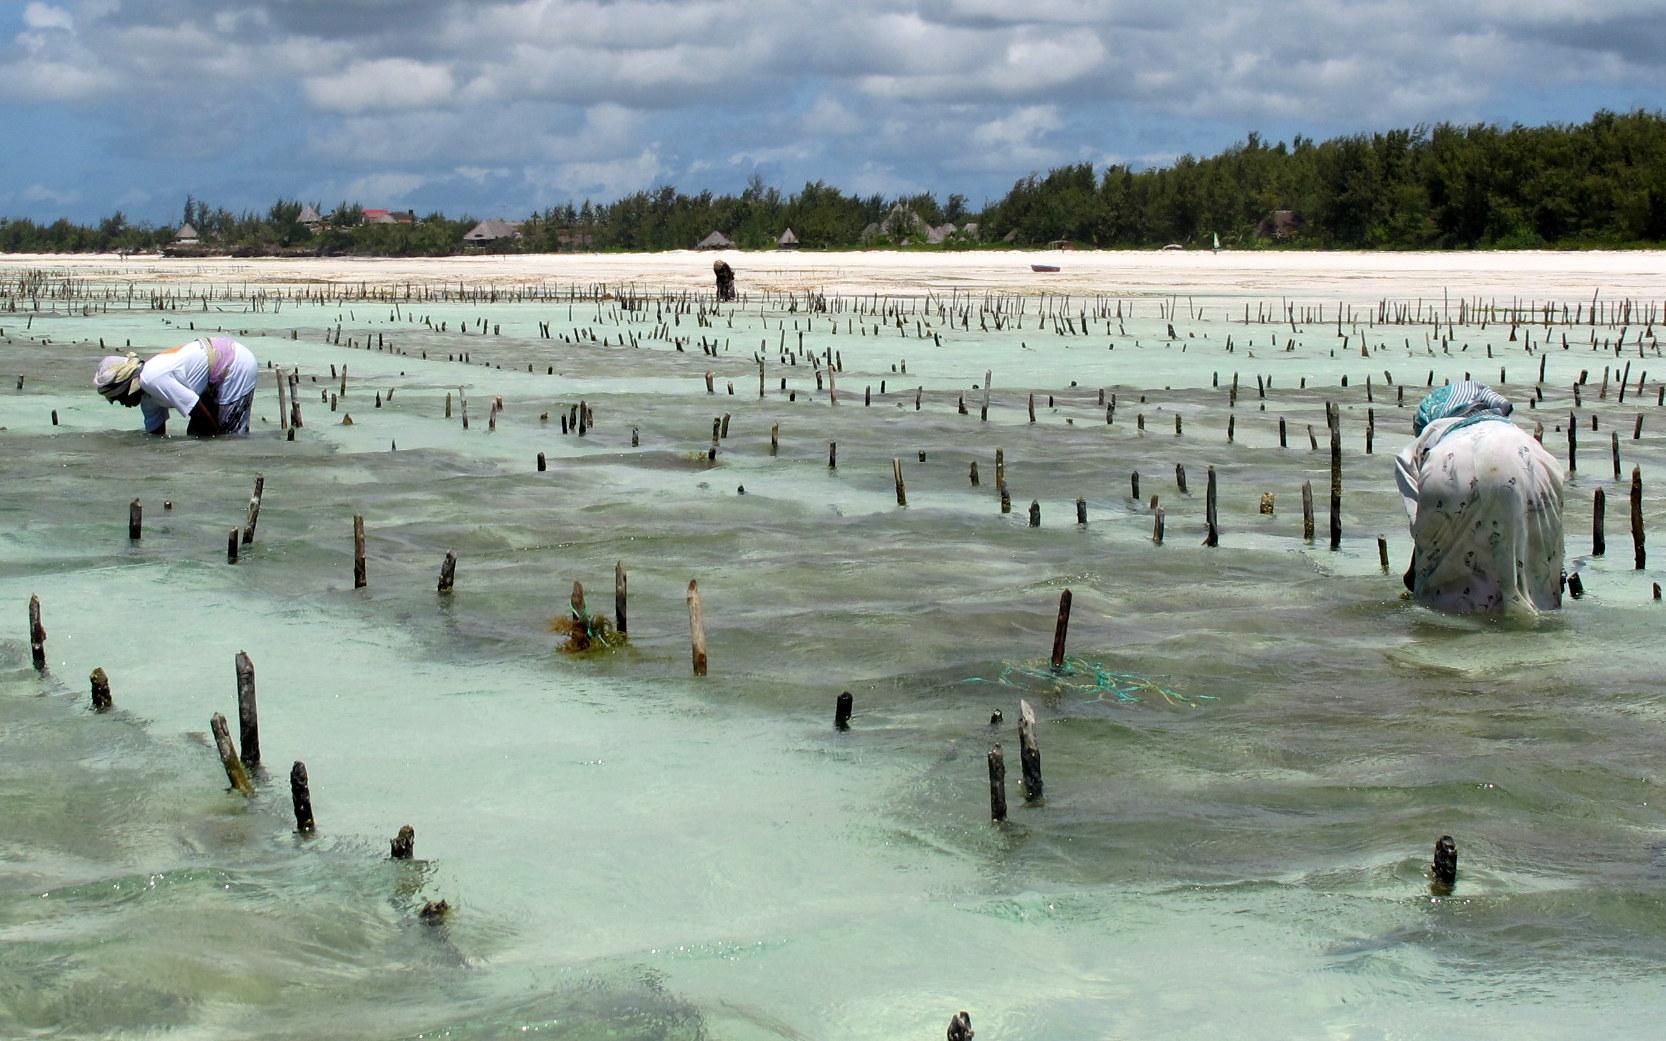 Aeroporto Zanzibar Arrivi : Racconti di viaggio zanzibar elena